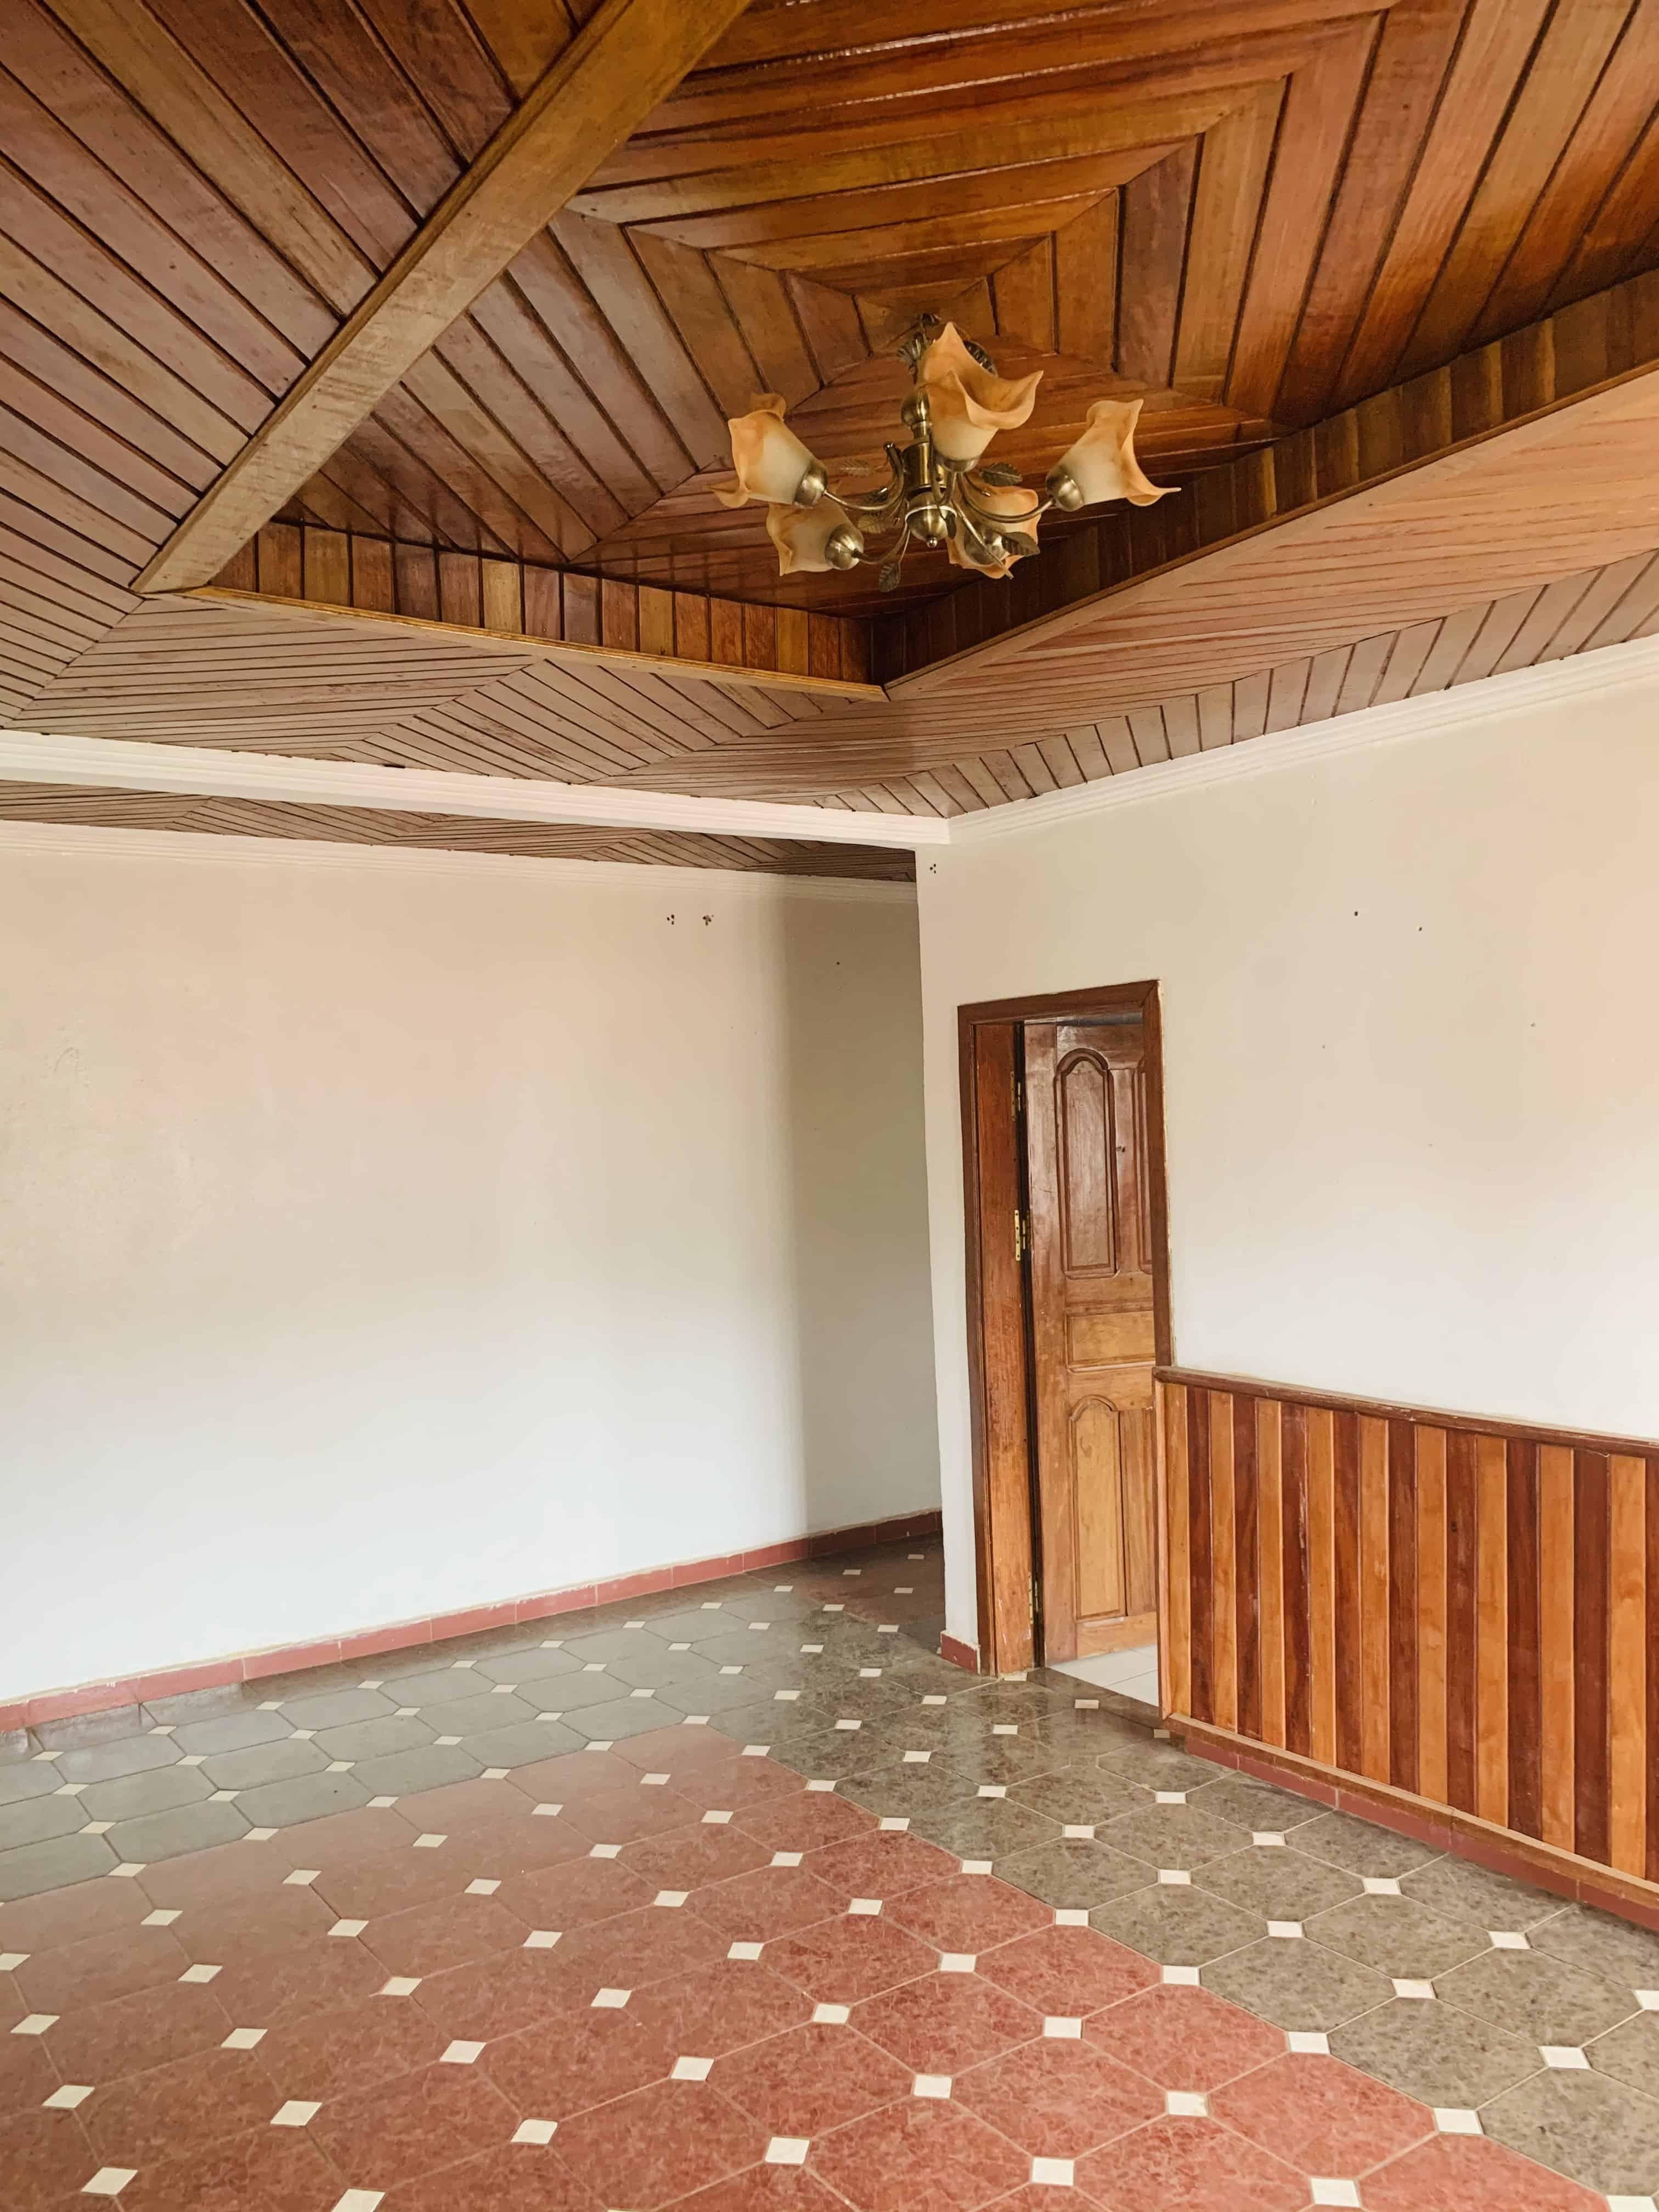 Appartement à louer - Yaoundé, Mfandena, Derrière stade omnisports - 1 salon(s), 2 chambre(s), 1 salle(s) de bains - 200 000 FCFA / mois